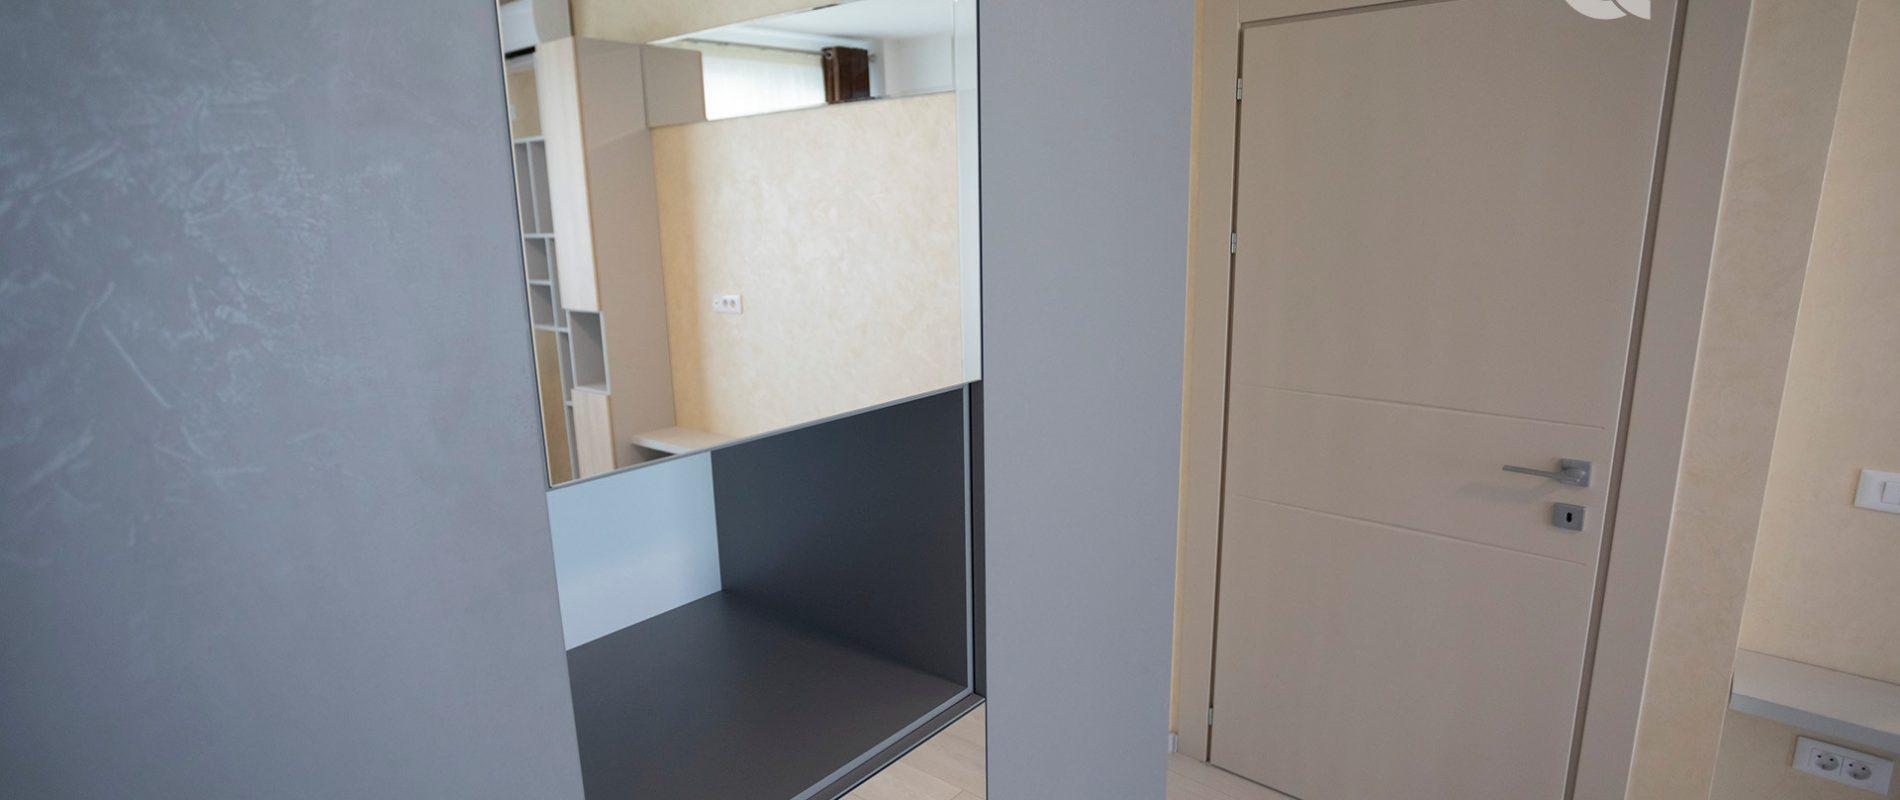 q-residence-apartament-cu-o-camera-mobilier-modern-camera-27